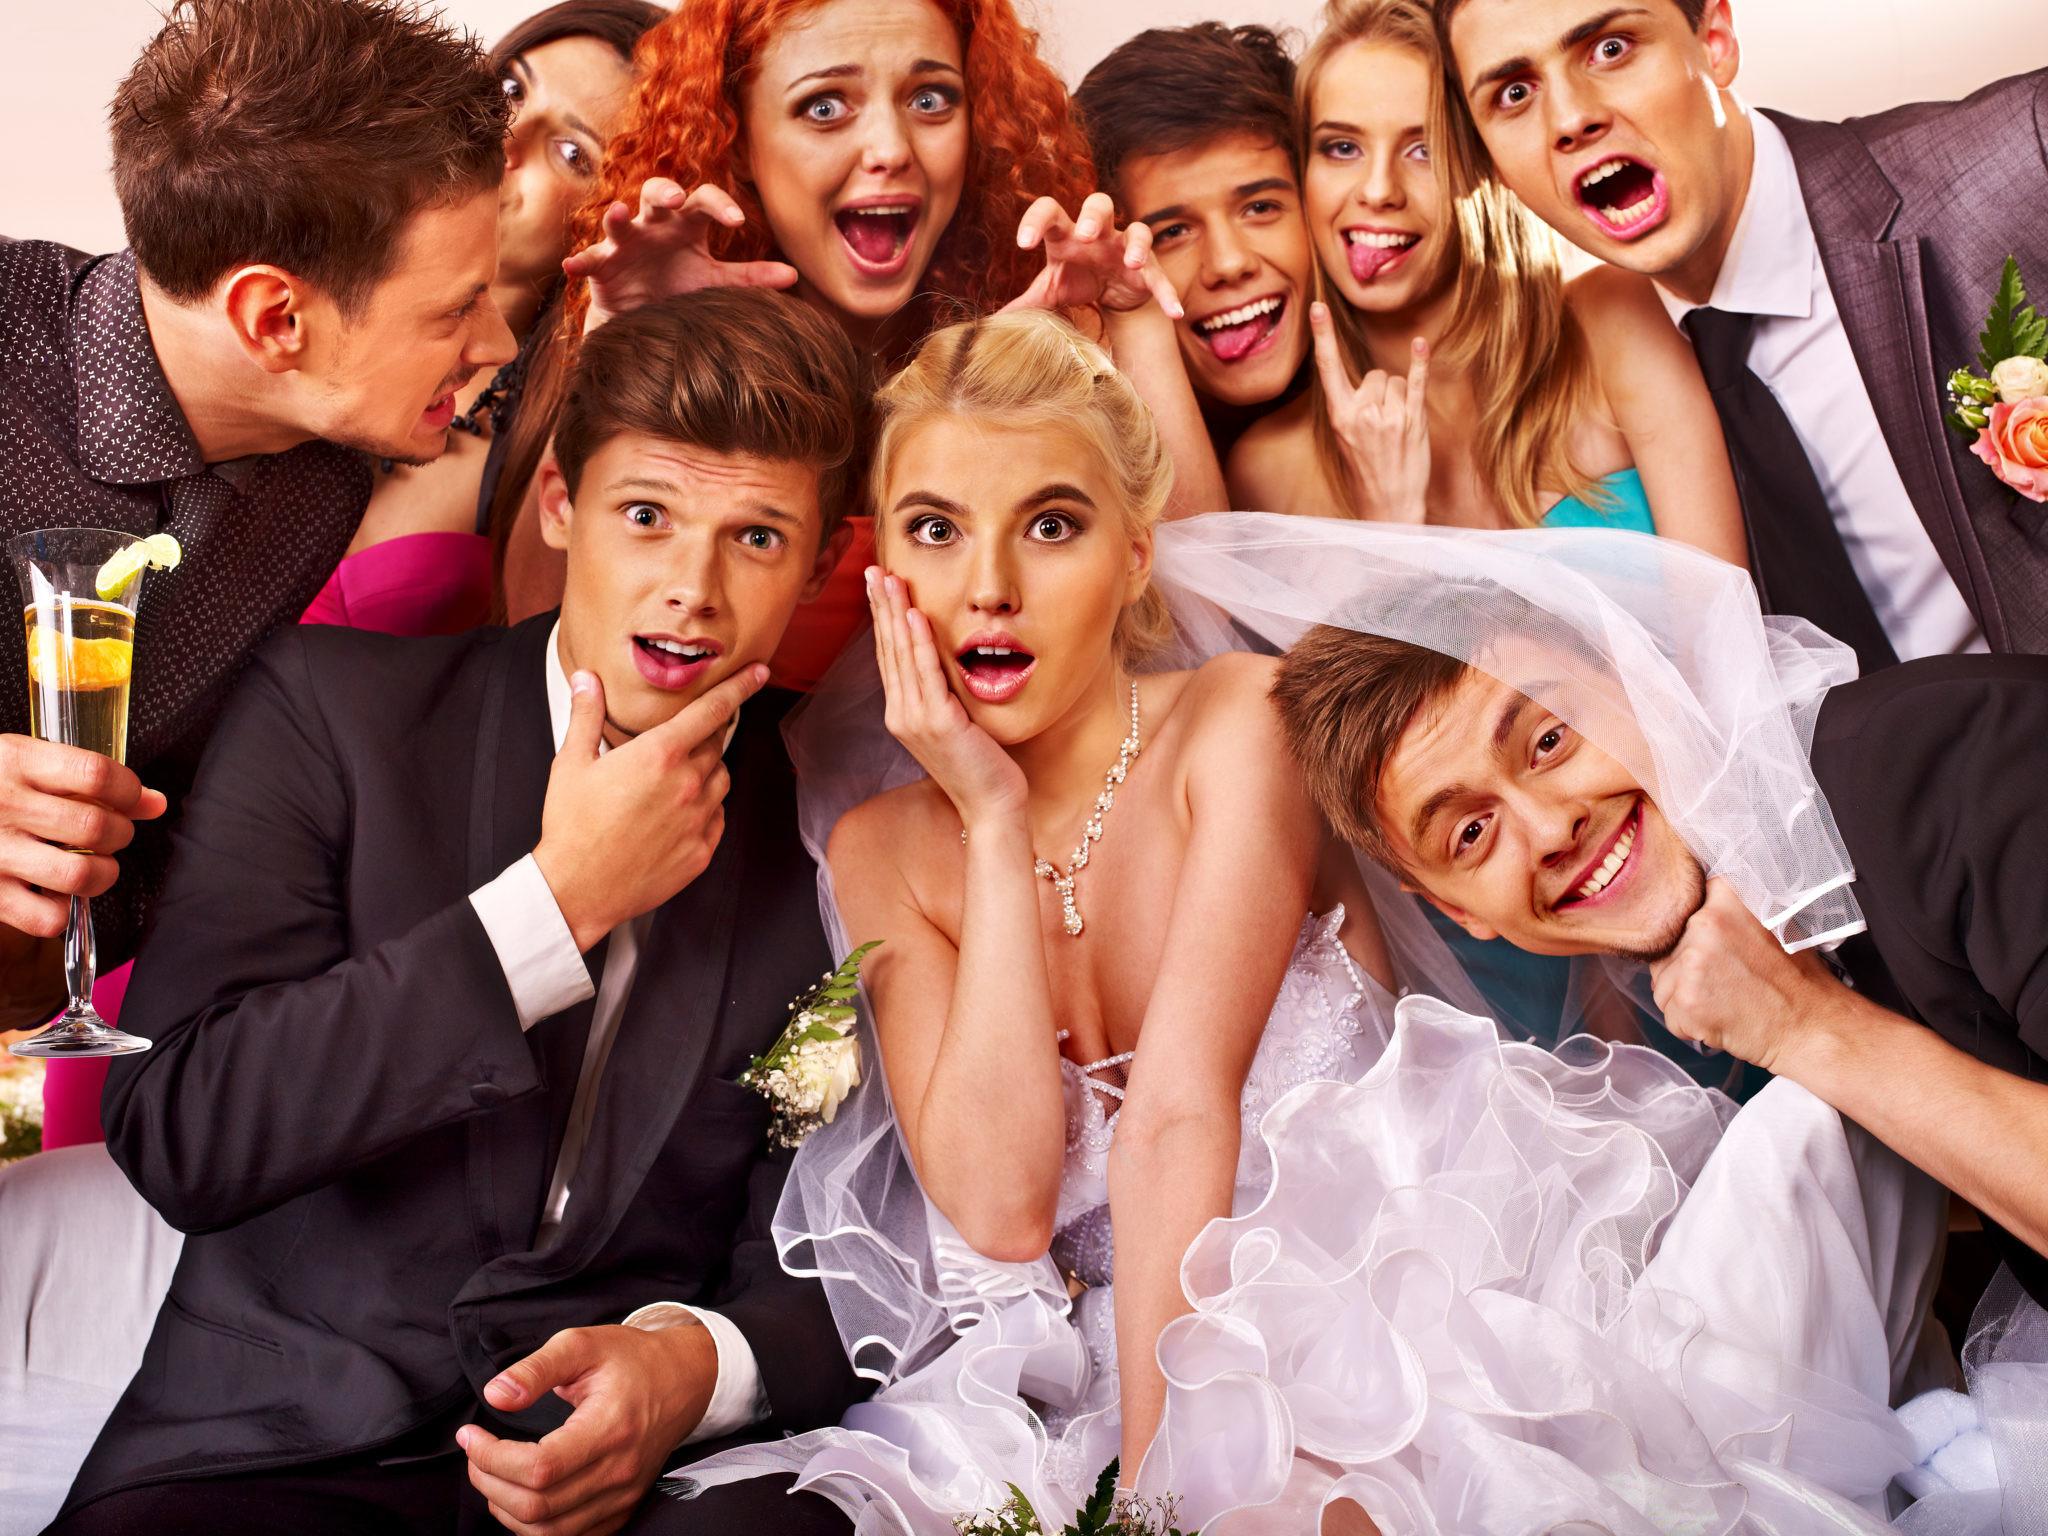 8 гостей на свадьбе, которые всех бесят